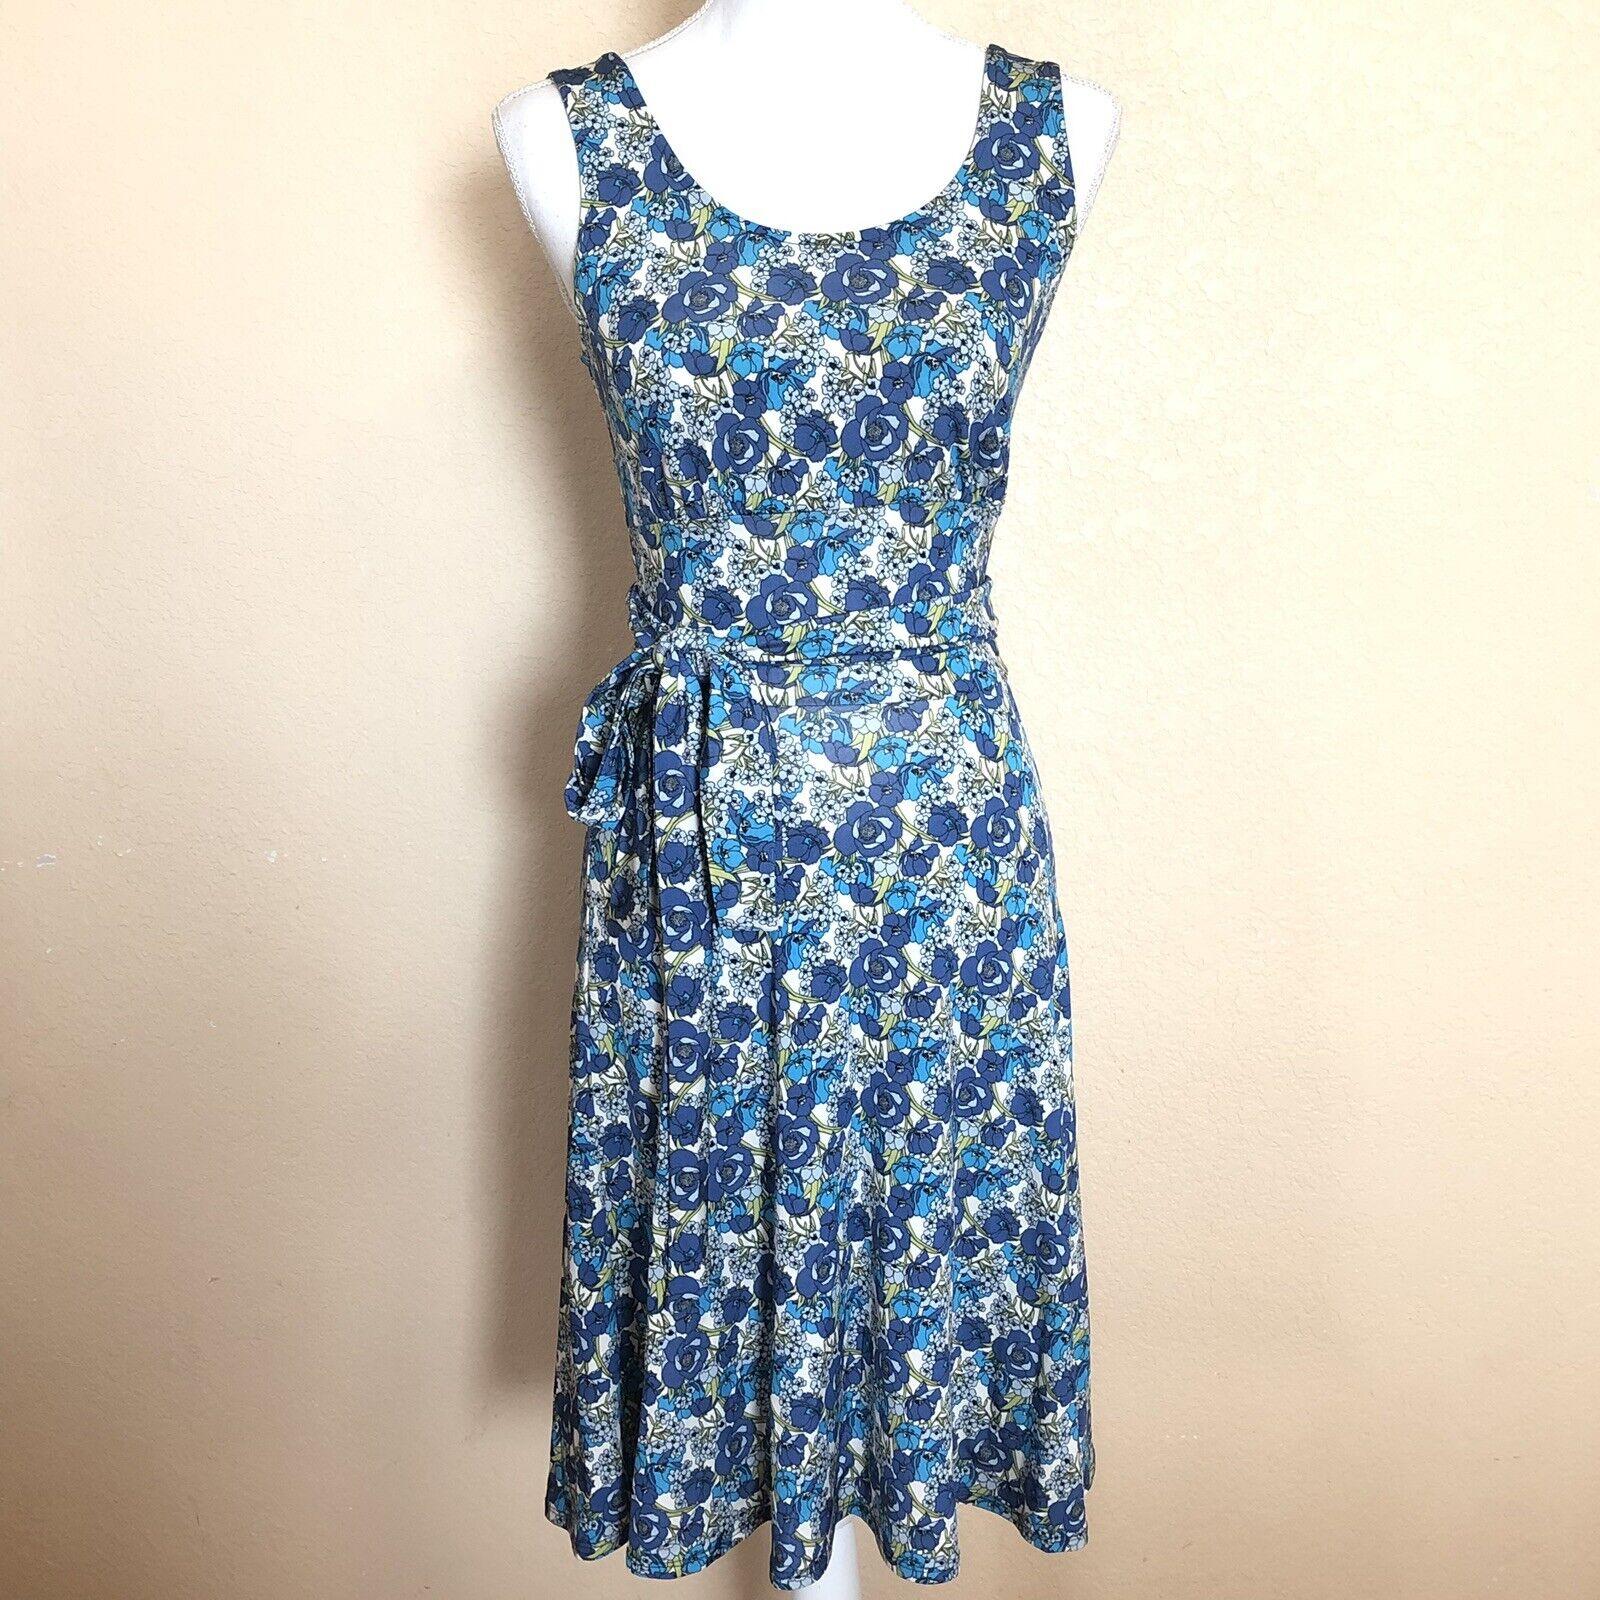 Sahalie XS bluee Floral A line Dress Easter Summer Dress Sun Casual